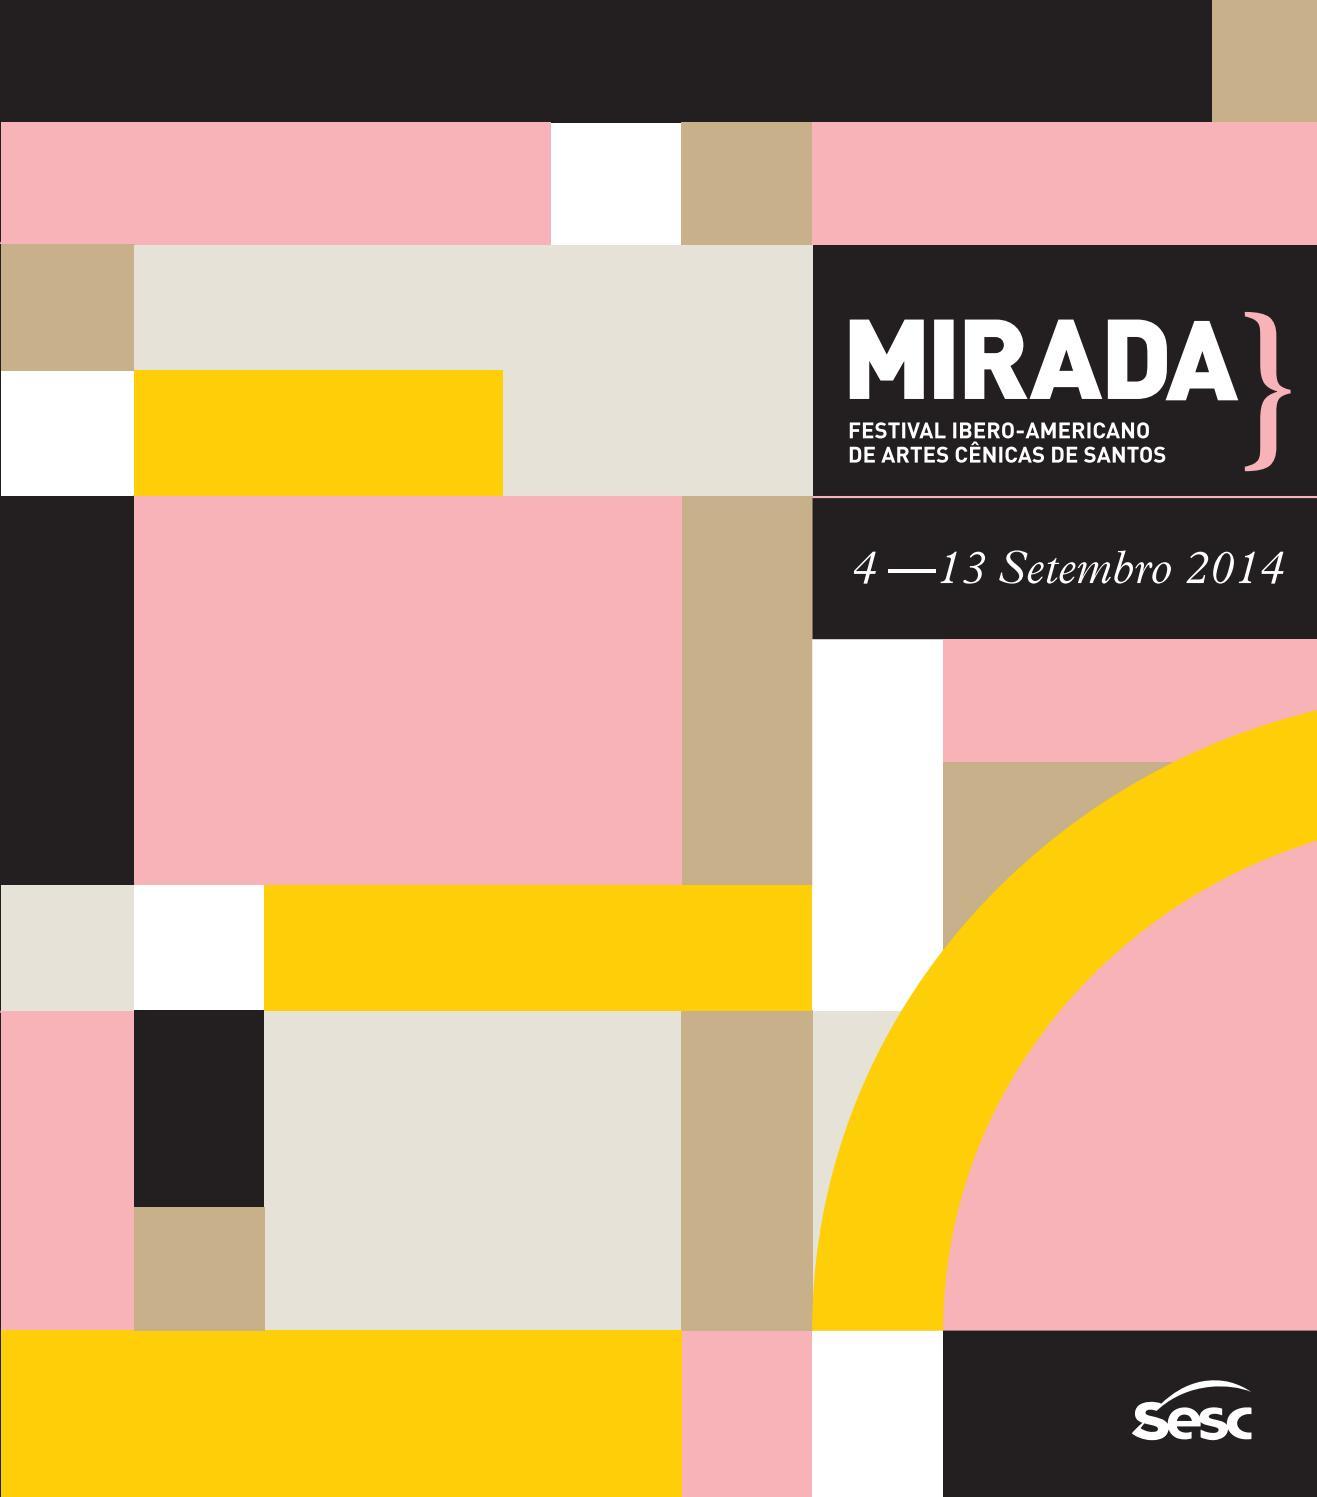 Catálogo - Mirada 2014 by Sesc em São Paulo - issuu 4f1b21dddd